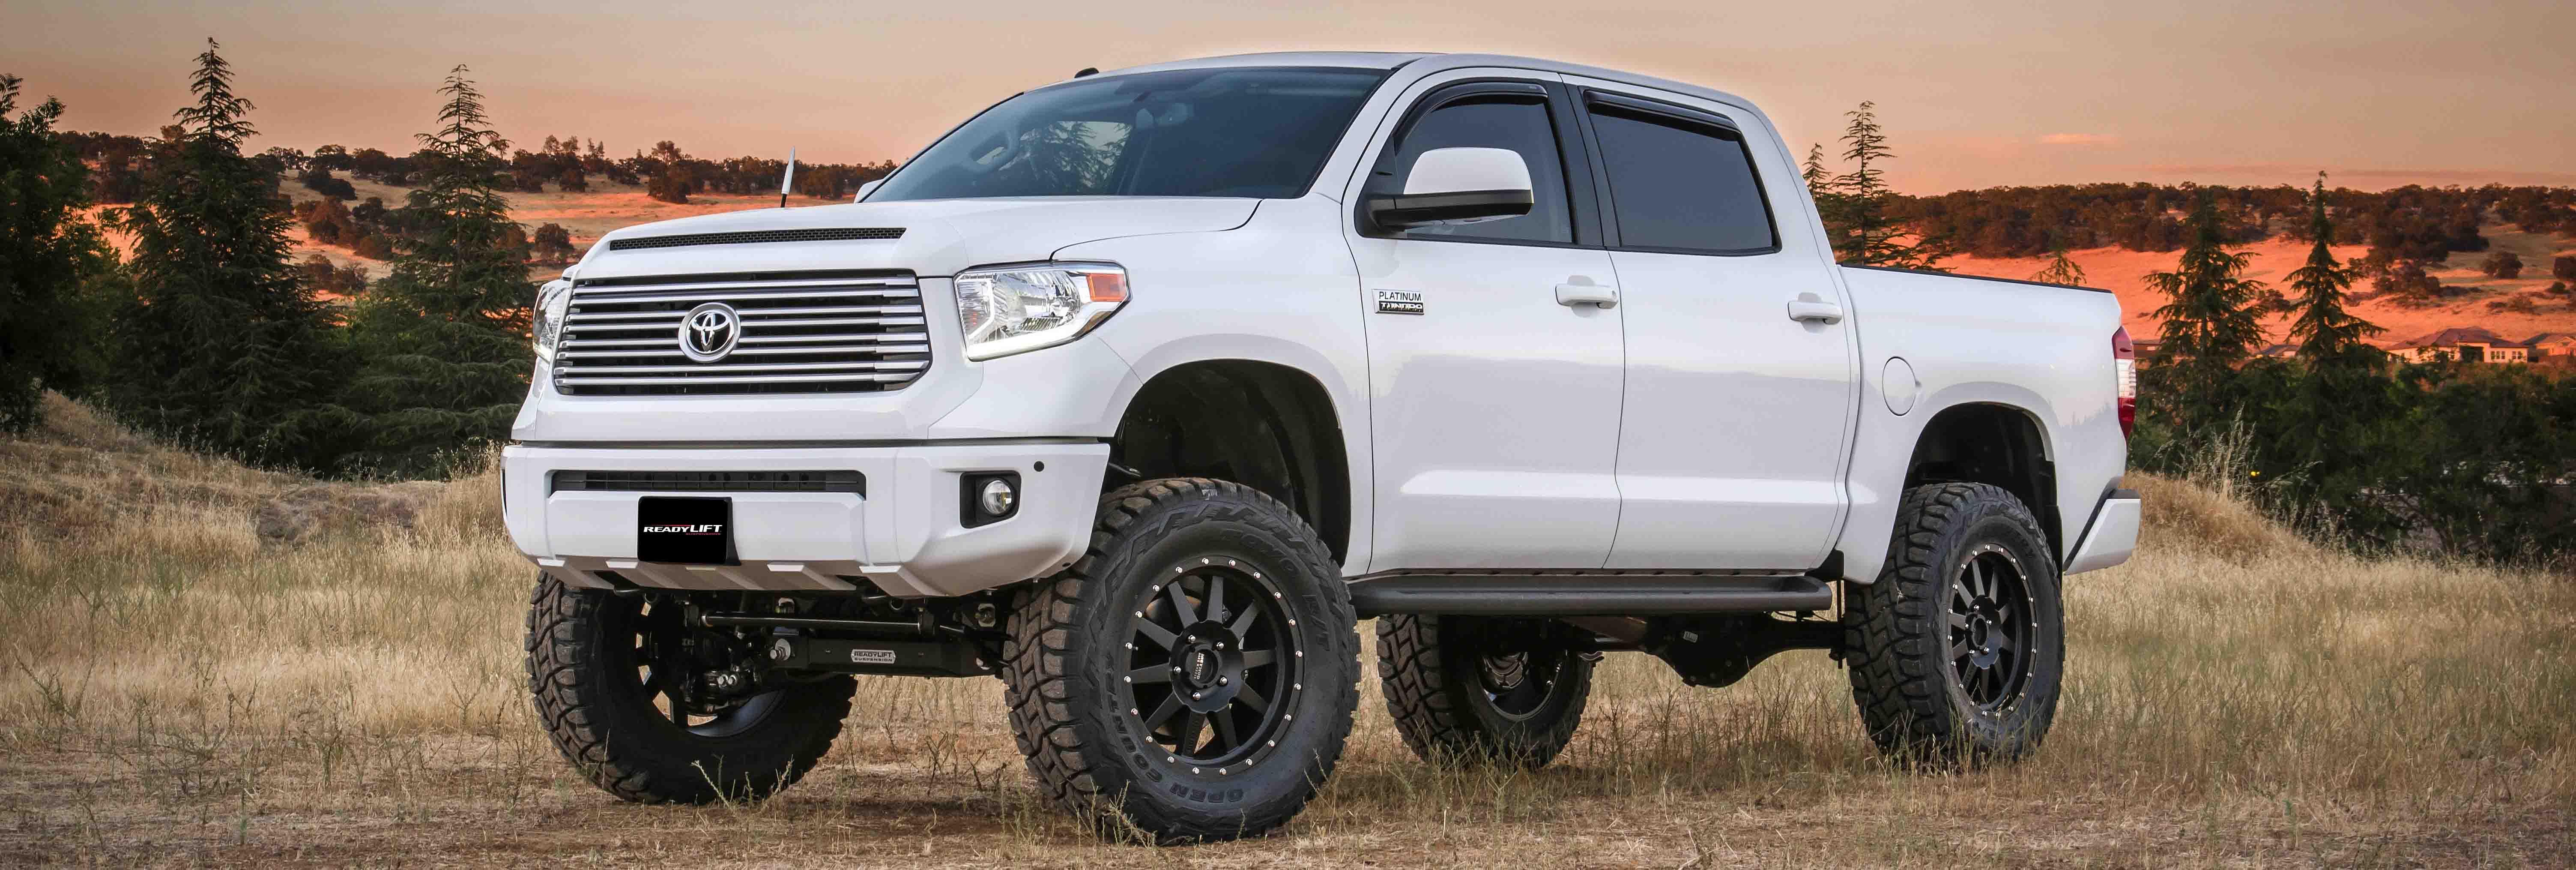 Toyota Tough   ReadyLIFT